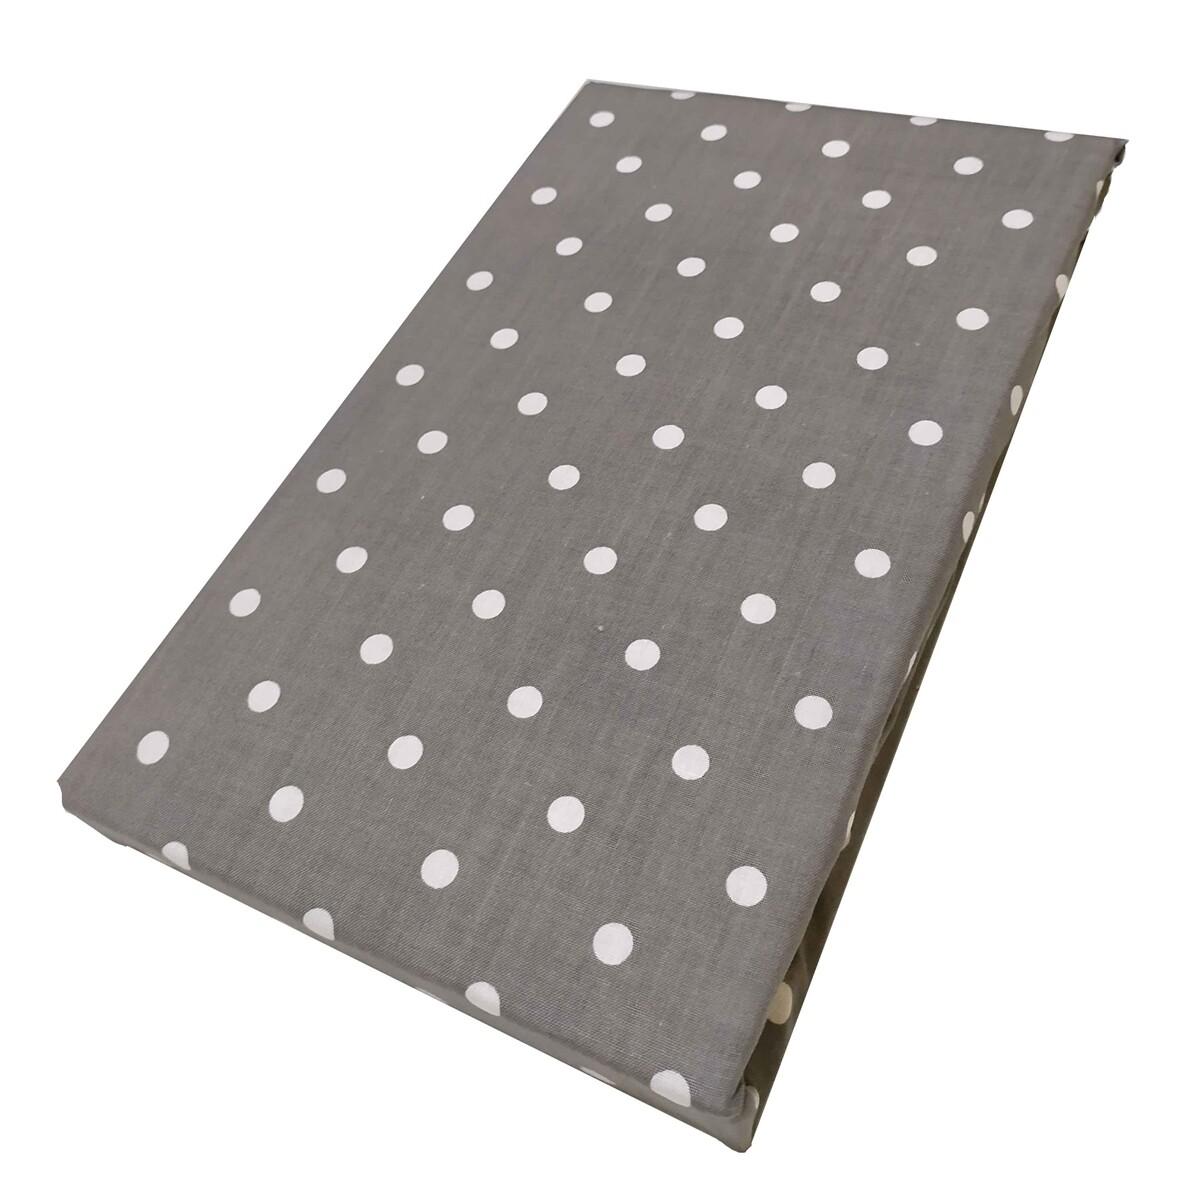 Μαξιλαροθήκες Ζευγάρι Dots Gray - Komvos